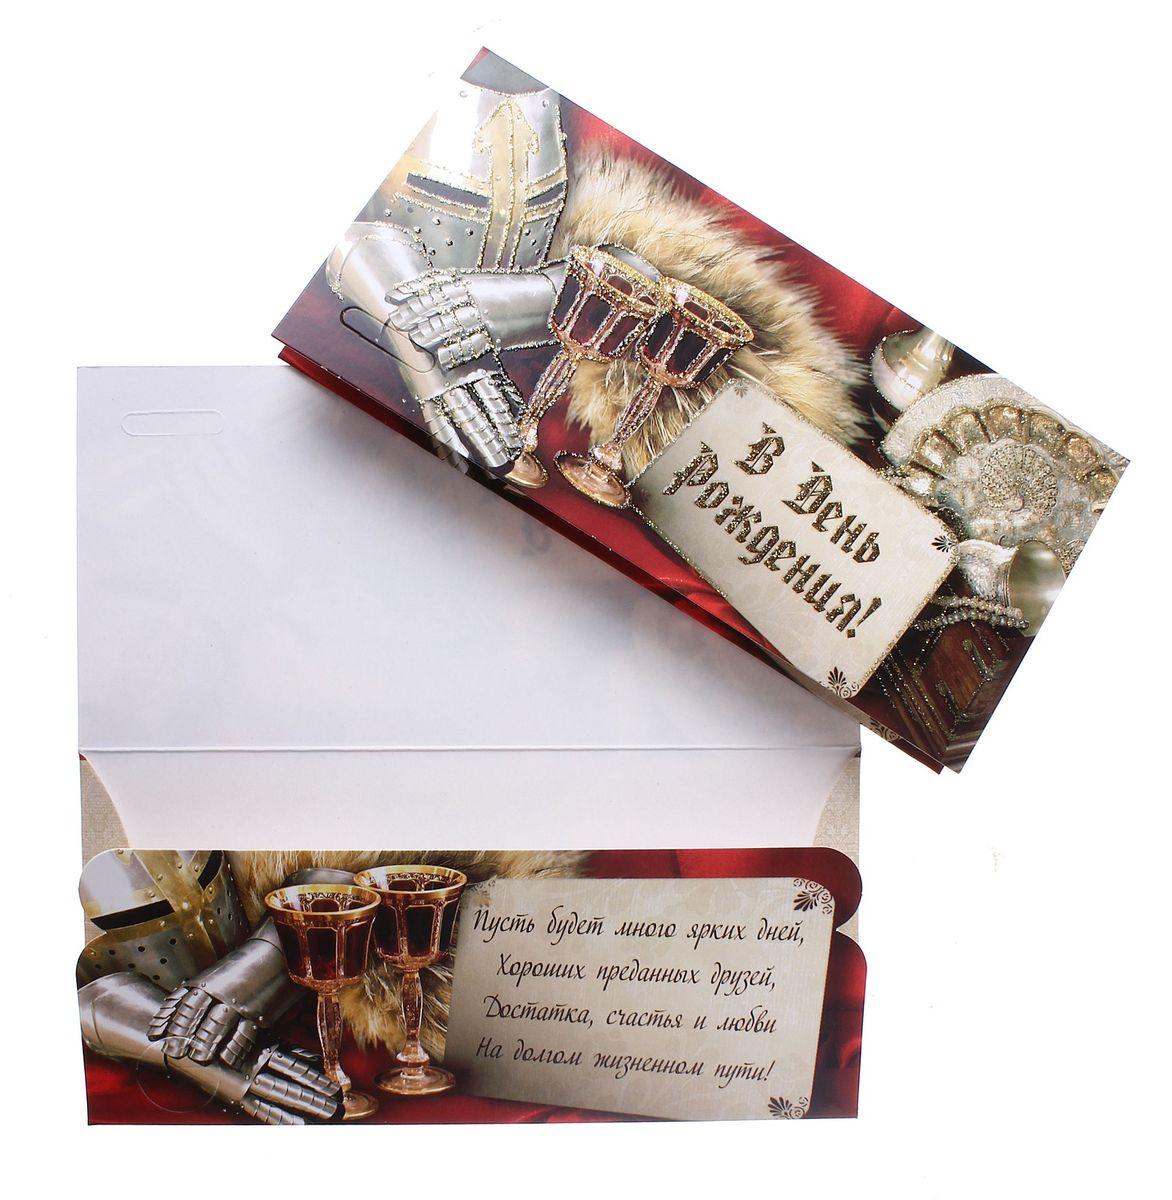 Конверт для денег C Днем Рождения!. 6905411021087Конверт для денег С Днем Рождения! выполнен из плотной бумаги и украшен яркой картинкой, соответствующей событию, для которого предназначен. Это необычная красивая одежка для денежного подарка, а так же отличная возможность сделать его более праздничным и создать прекрасное настроение! Конверт С Днем Рождения! - идеальное решение, если вы хотите подарить деньги.